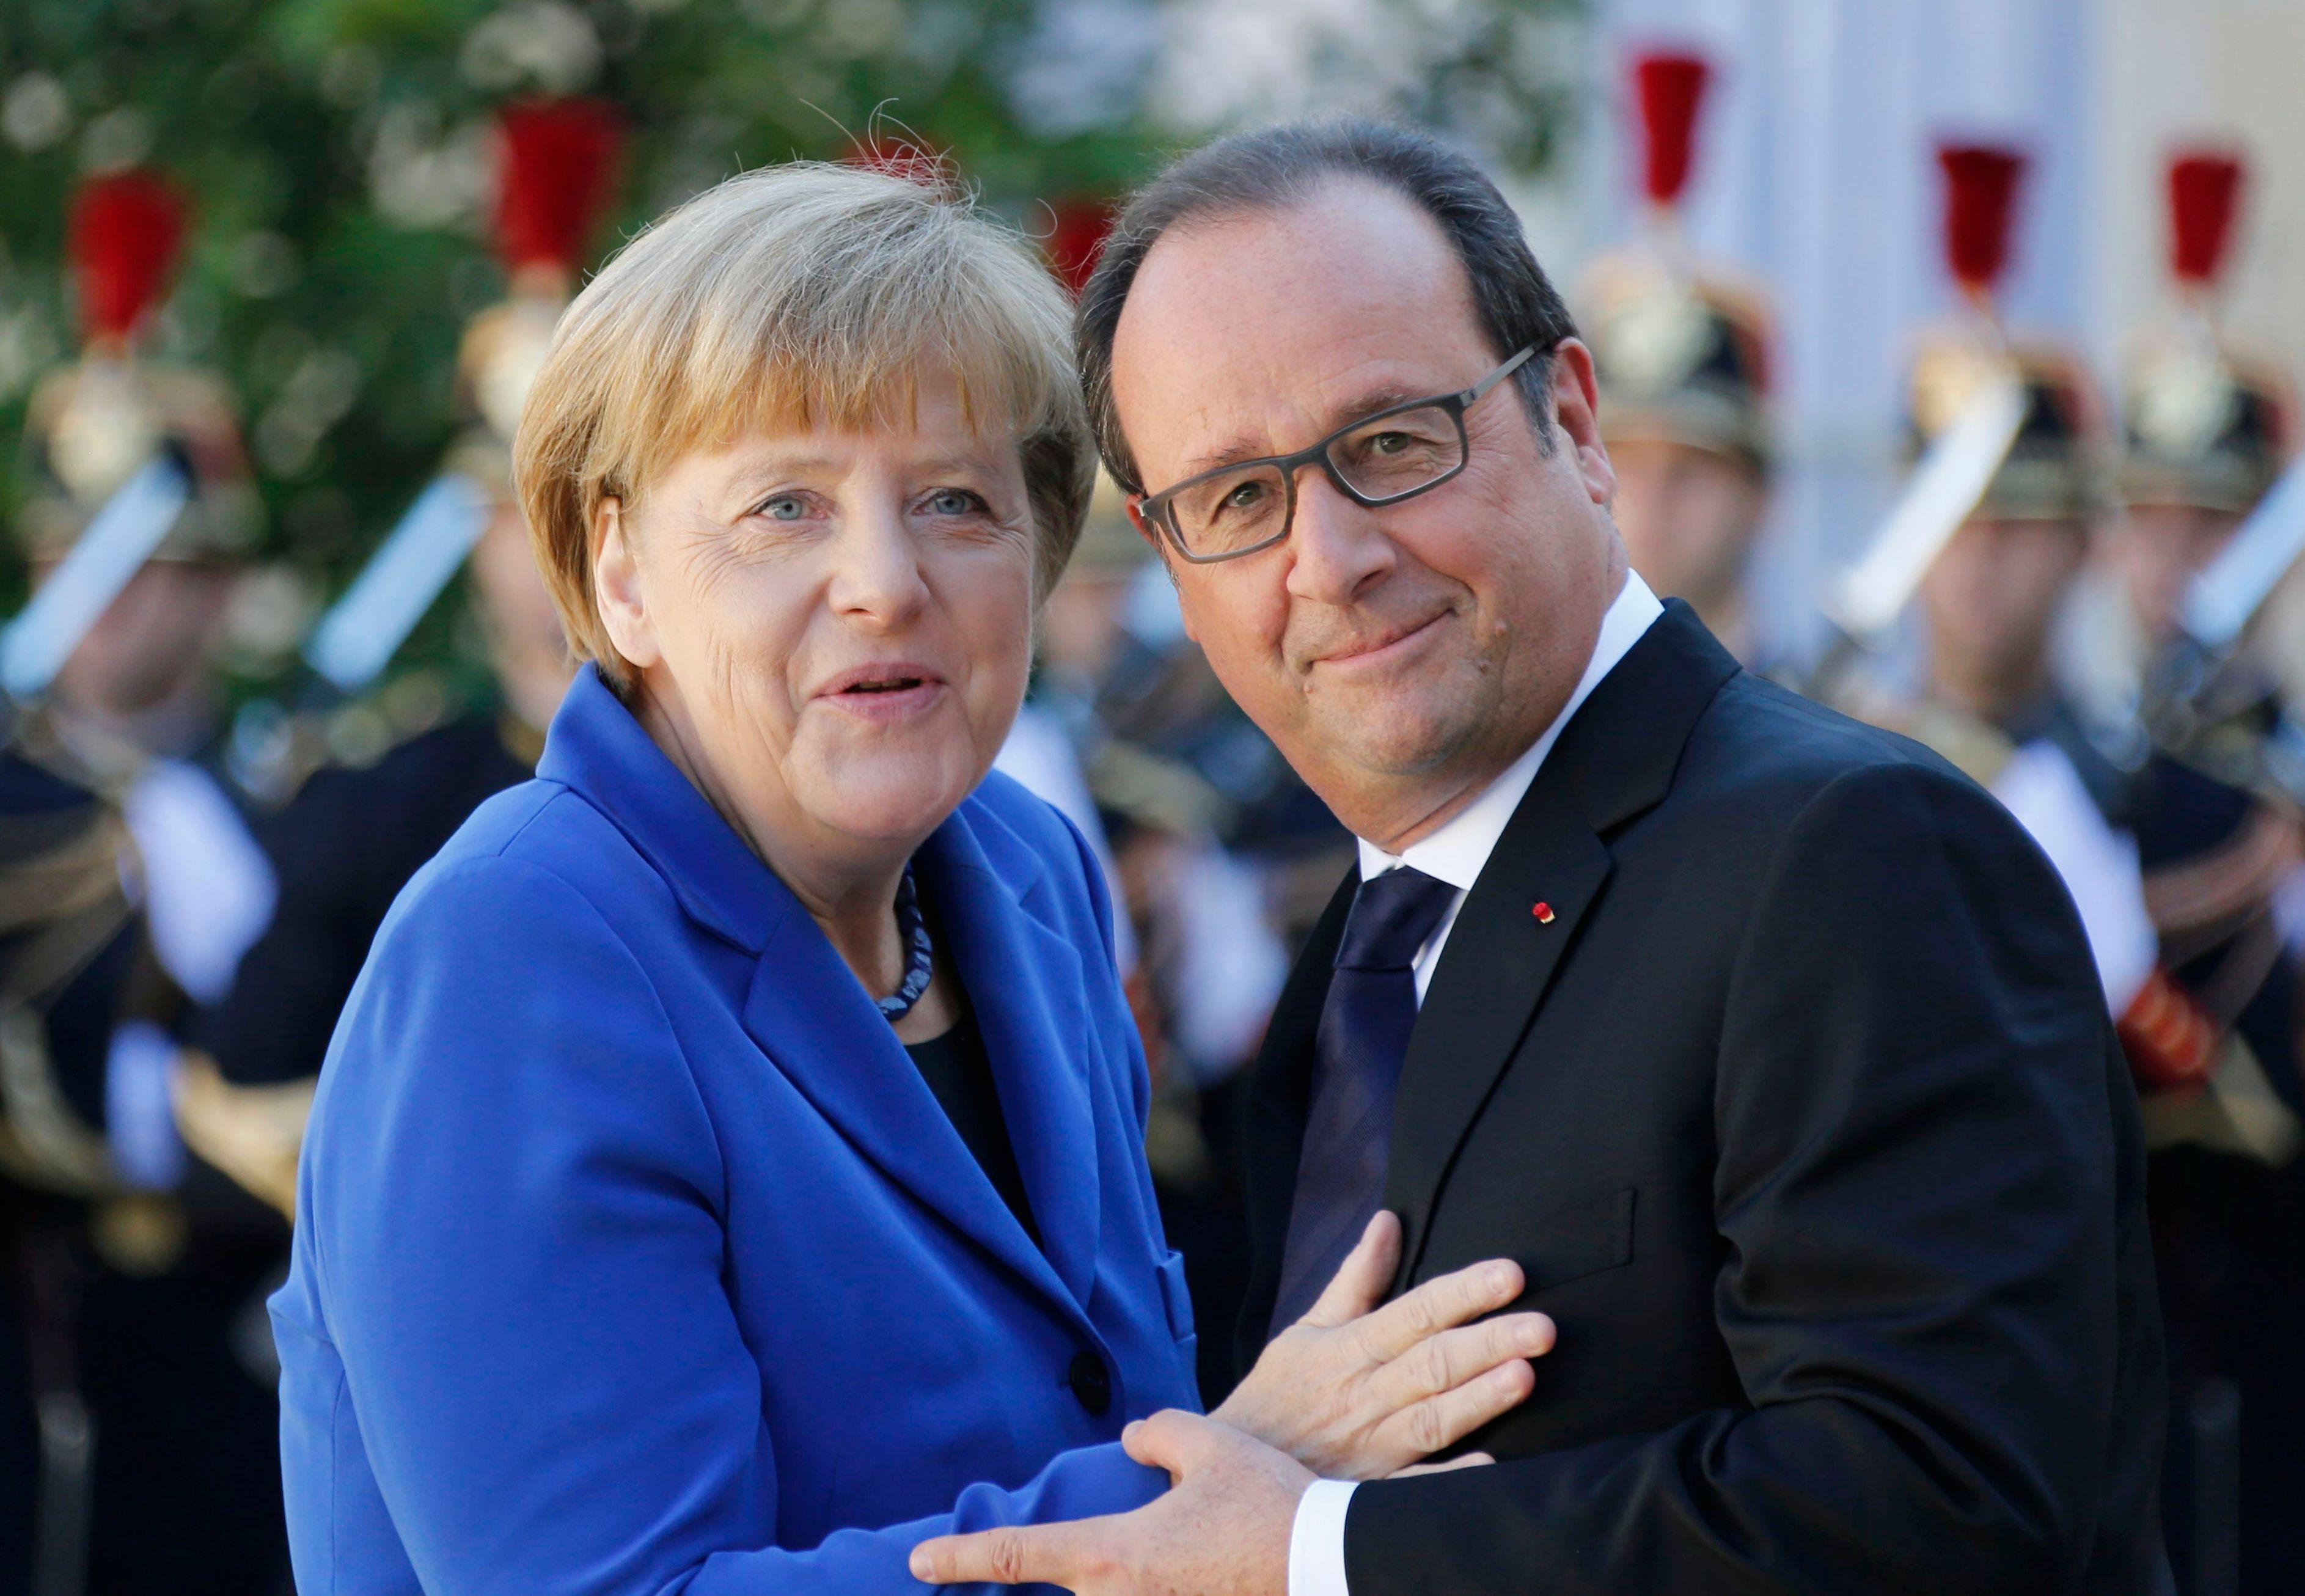 Economie, migrants : comment la France a laissé le patronat allemand prendre le pouvoir en Europe